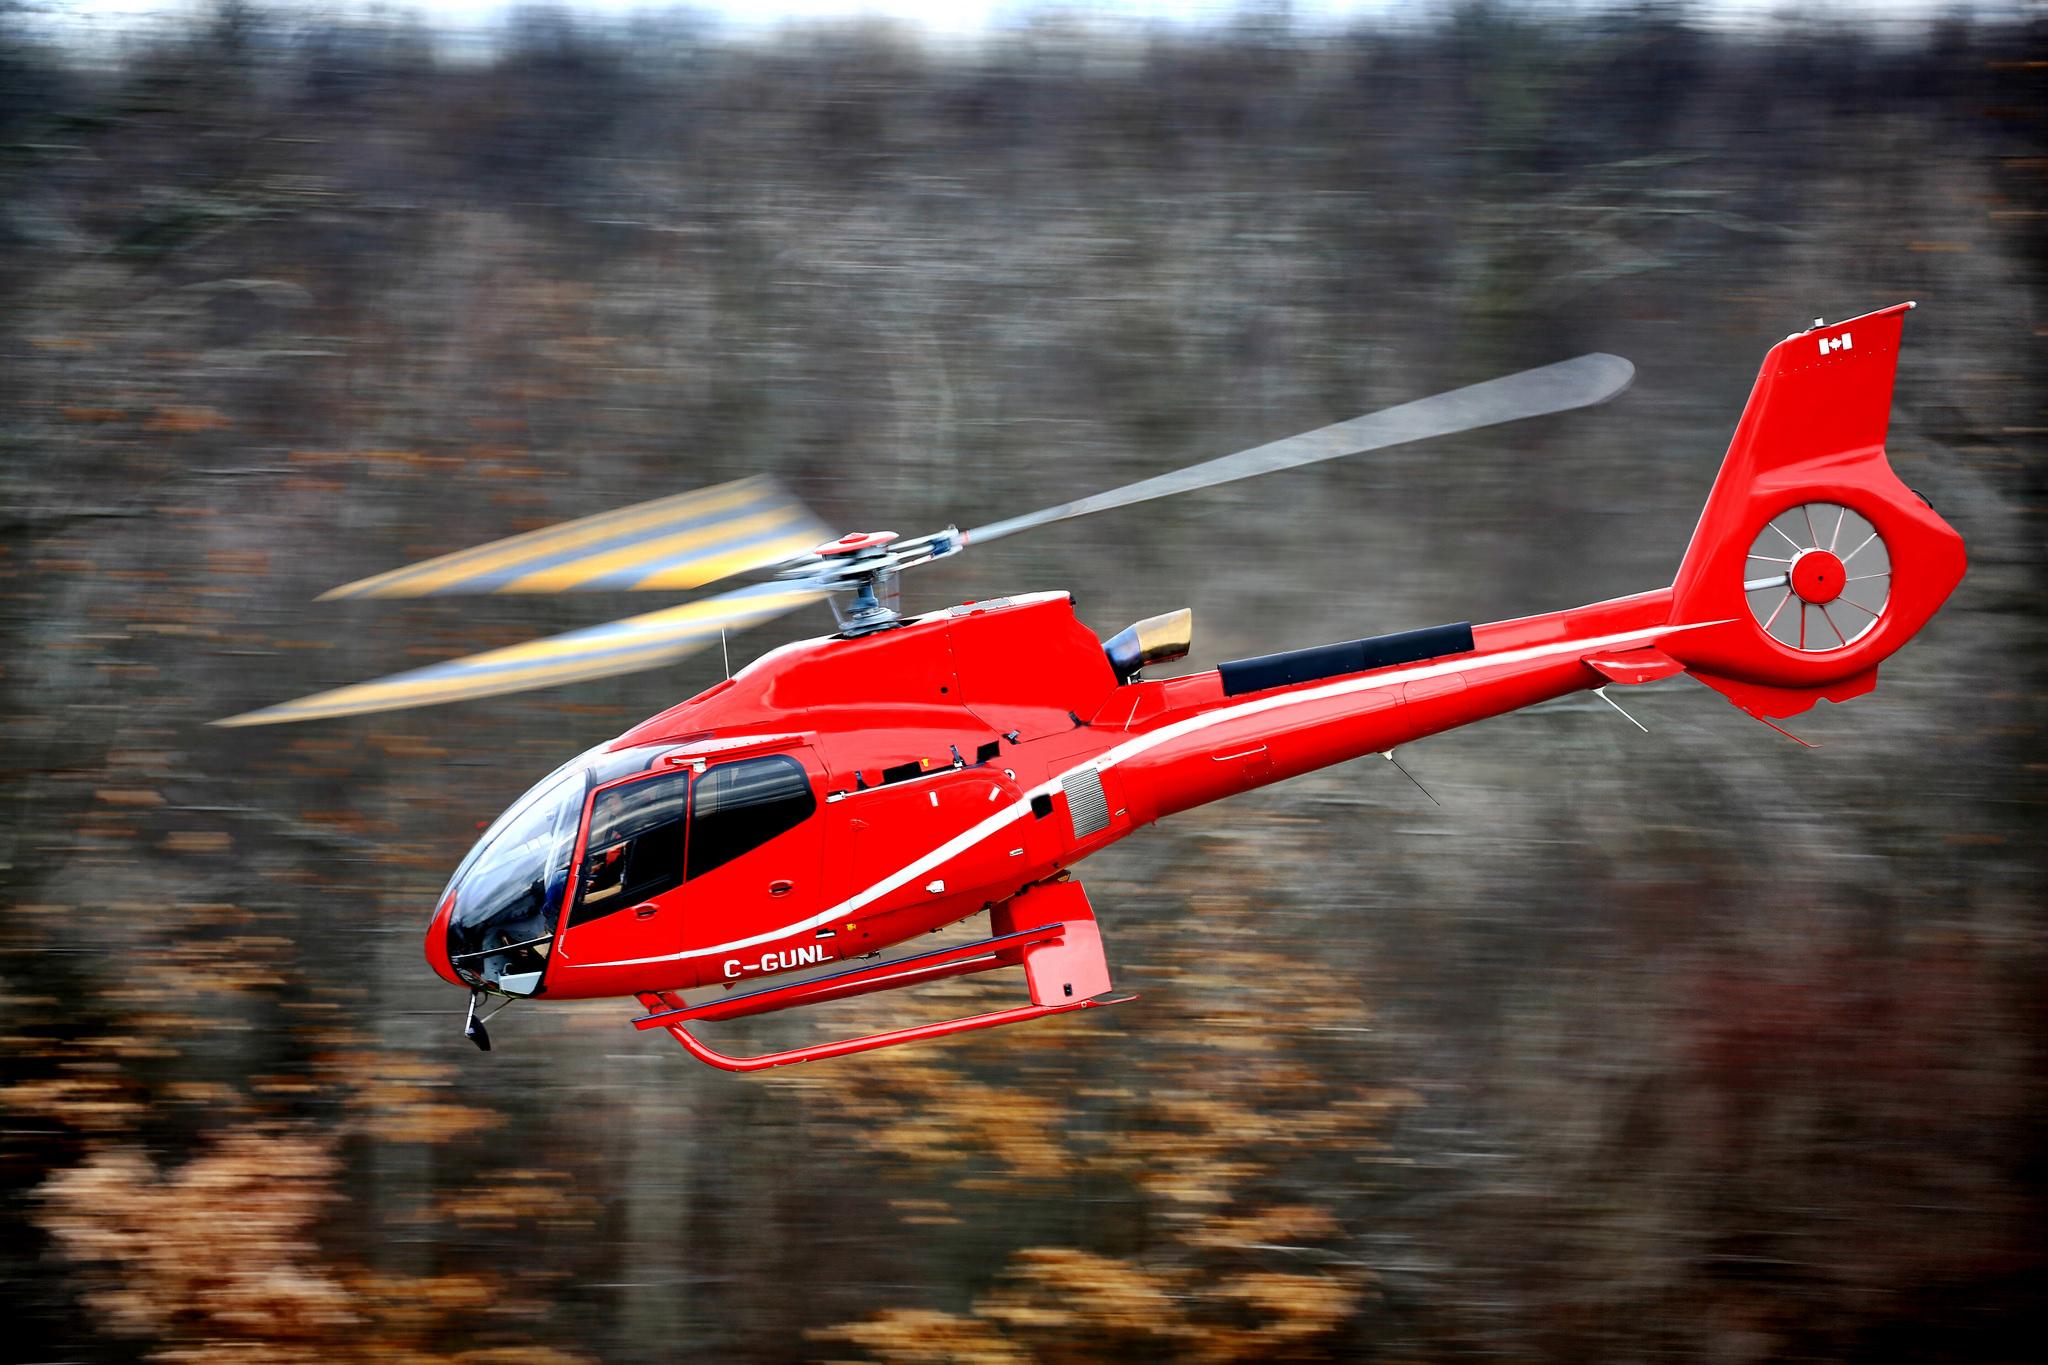 92300 Hintergrundbild herunterladen Hubschrauber, Verschiedenes, Sonstige, Unschärfe, Glatt, Flug, Eurocopter, Ec 130, Einmotorig, Einzelmotor, Airbus-Hubschrauber - Bildschirmschoner und Bilder kostenlos